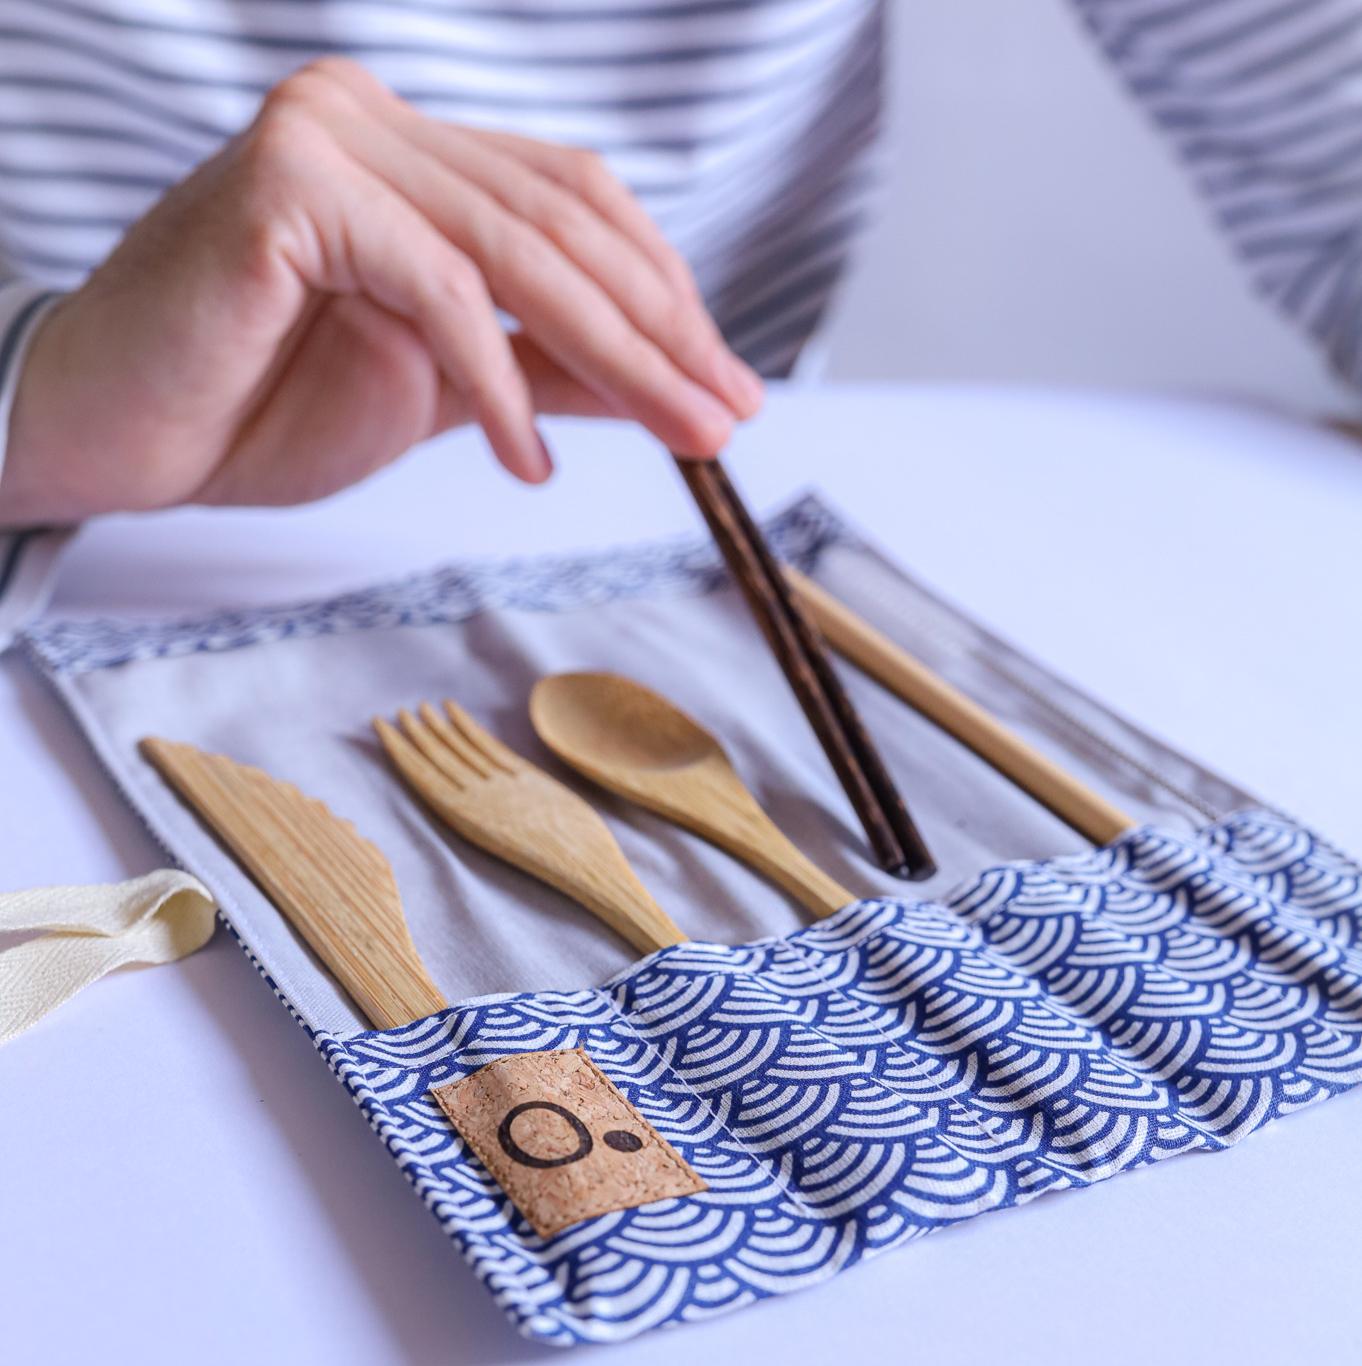 Kit de couverts en bambou - marque française Zero